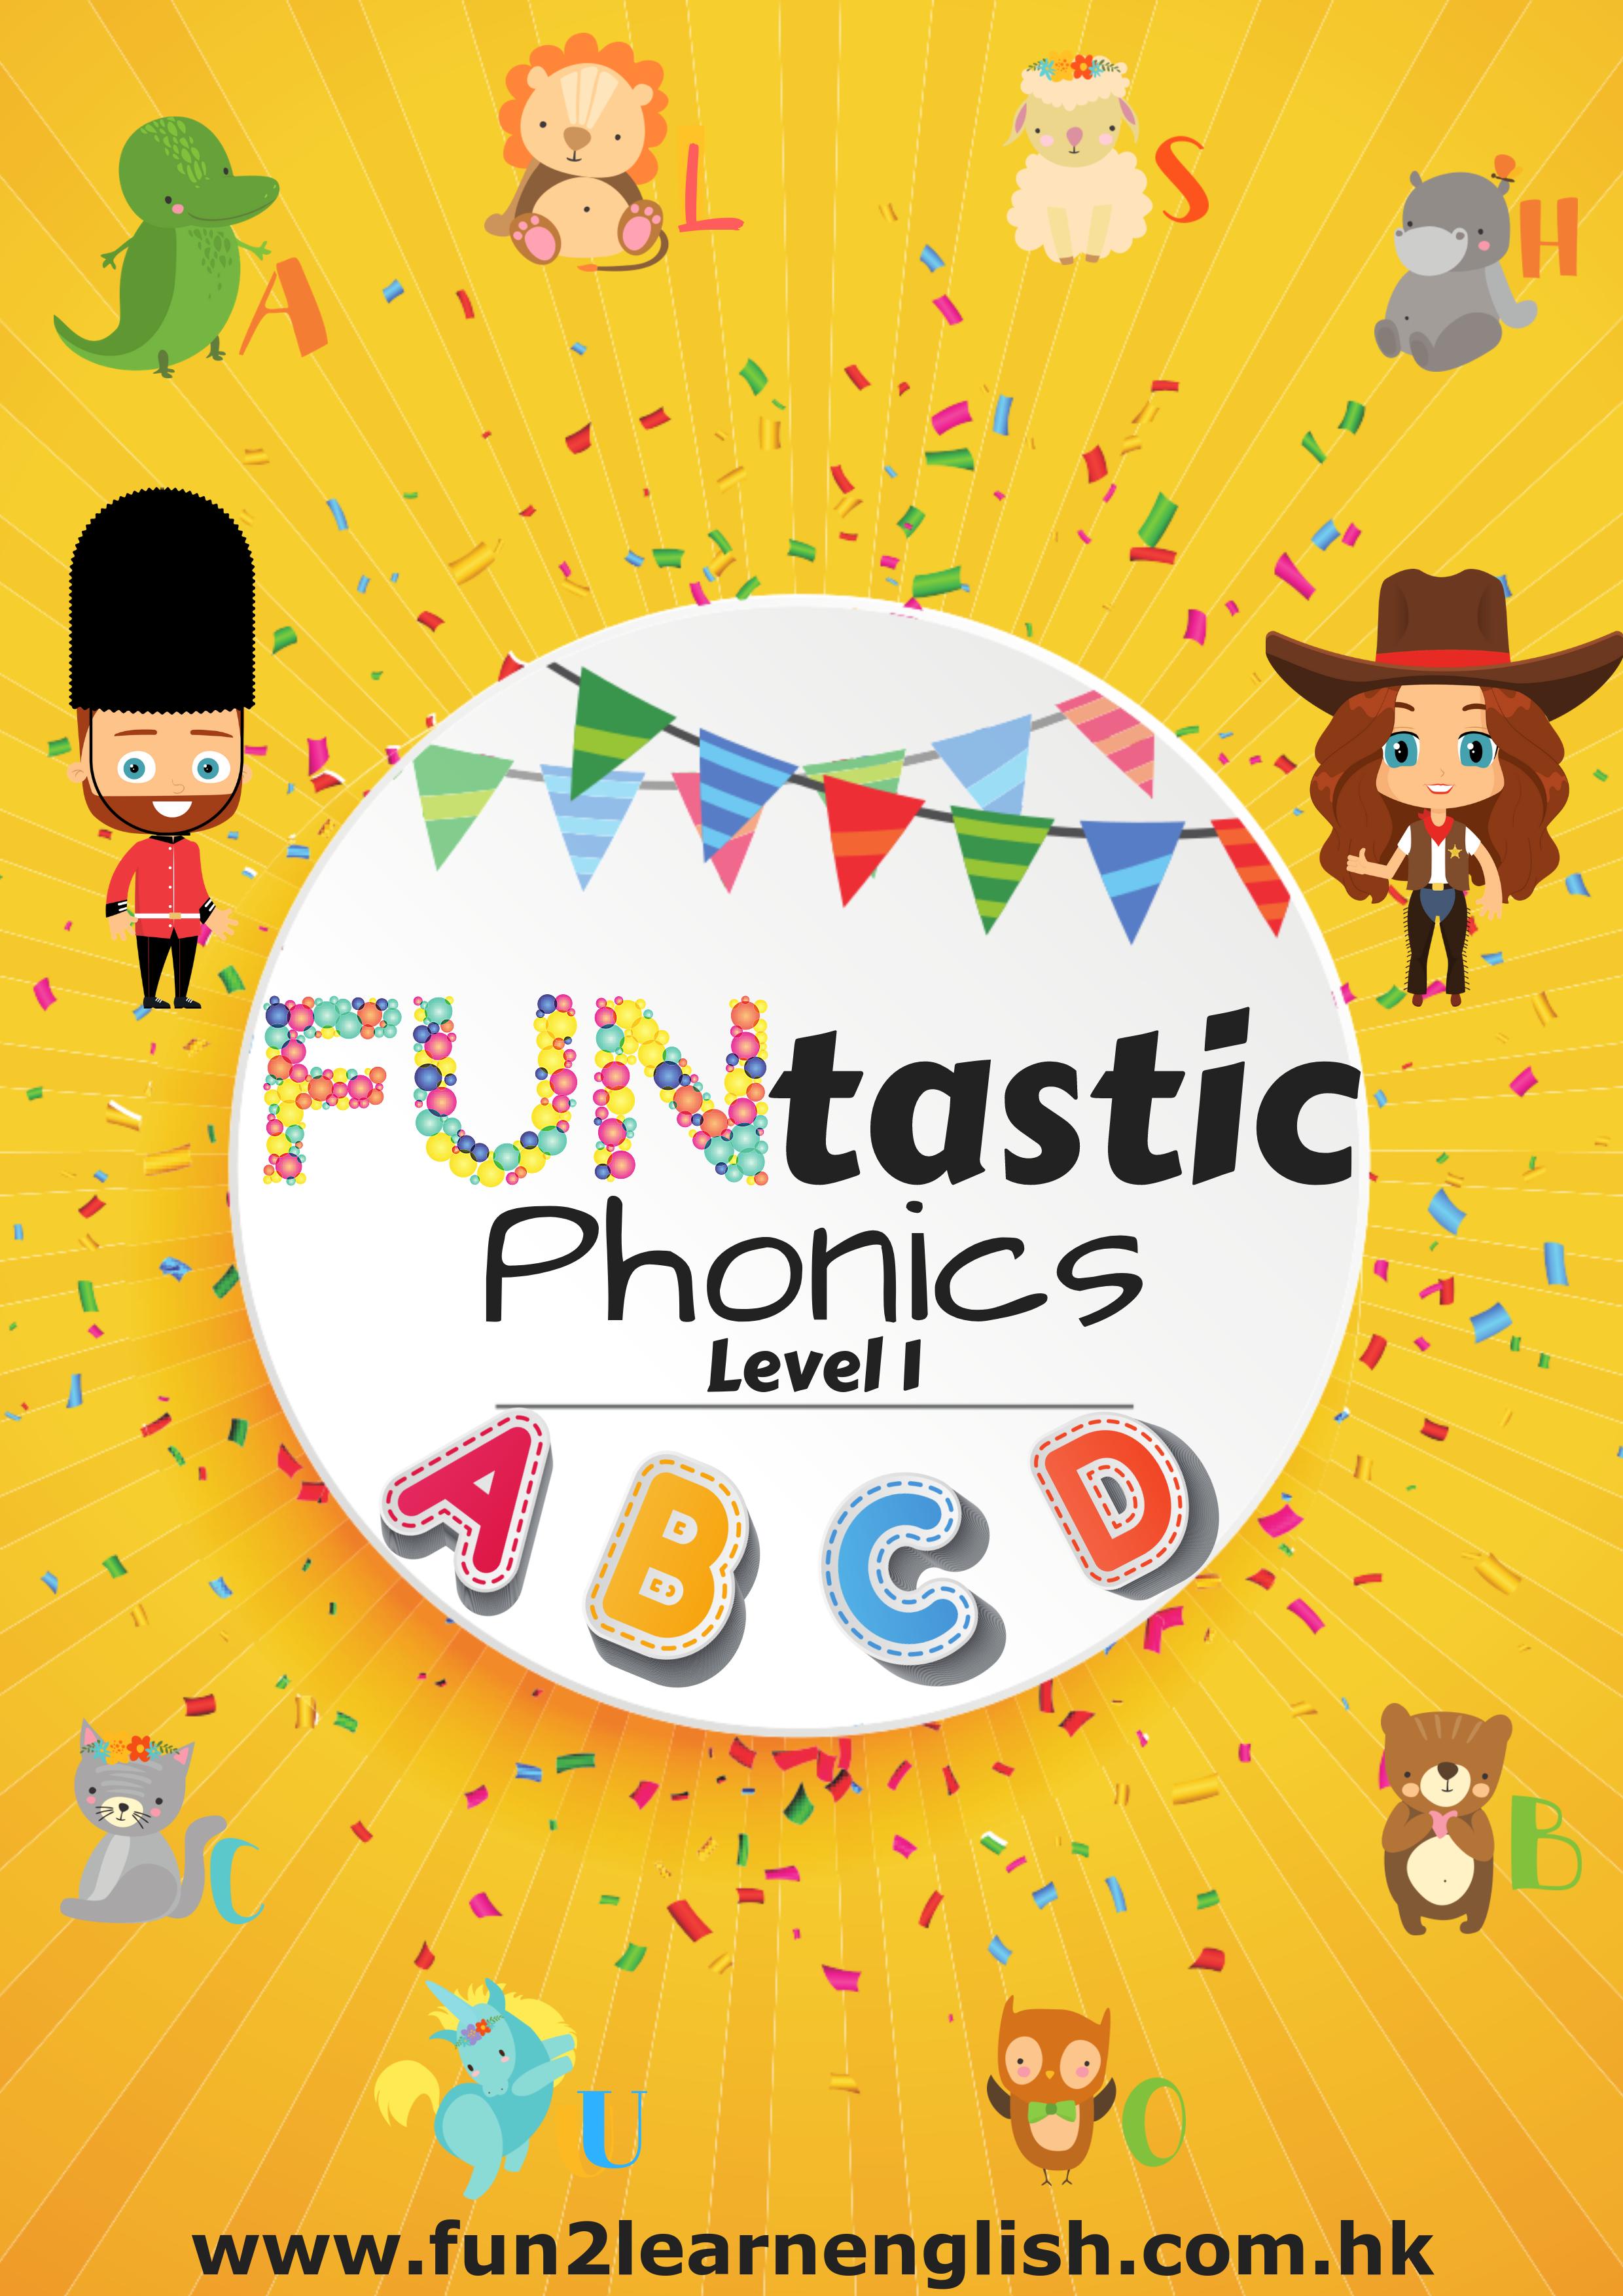 Funtastic Phonics Level 1